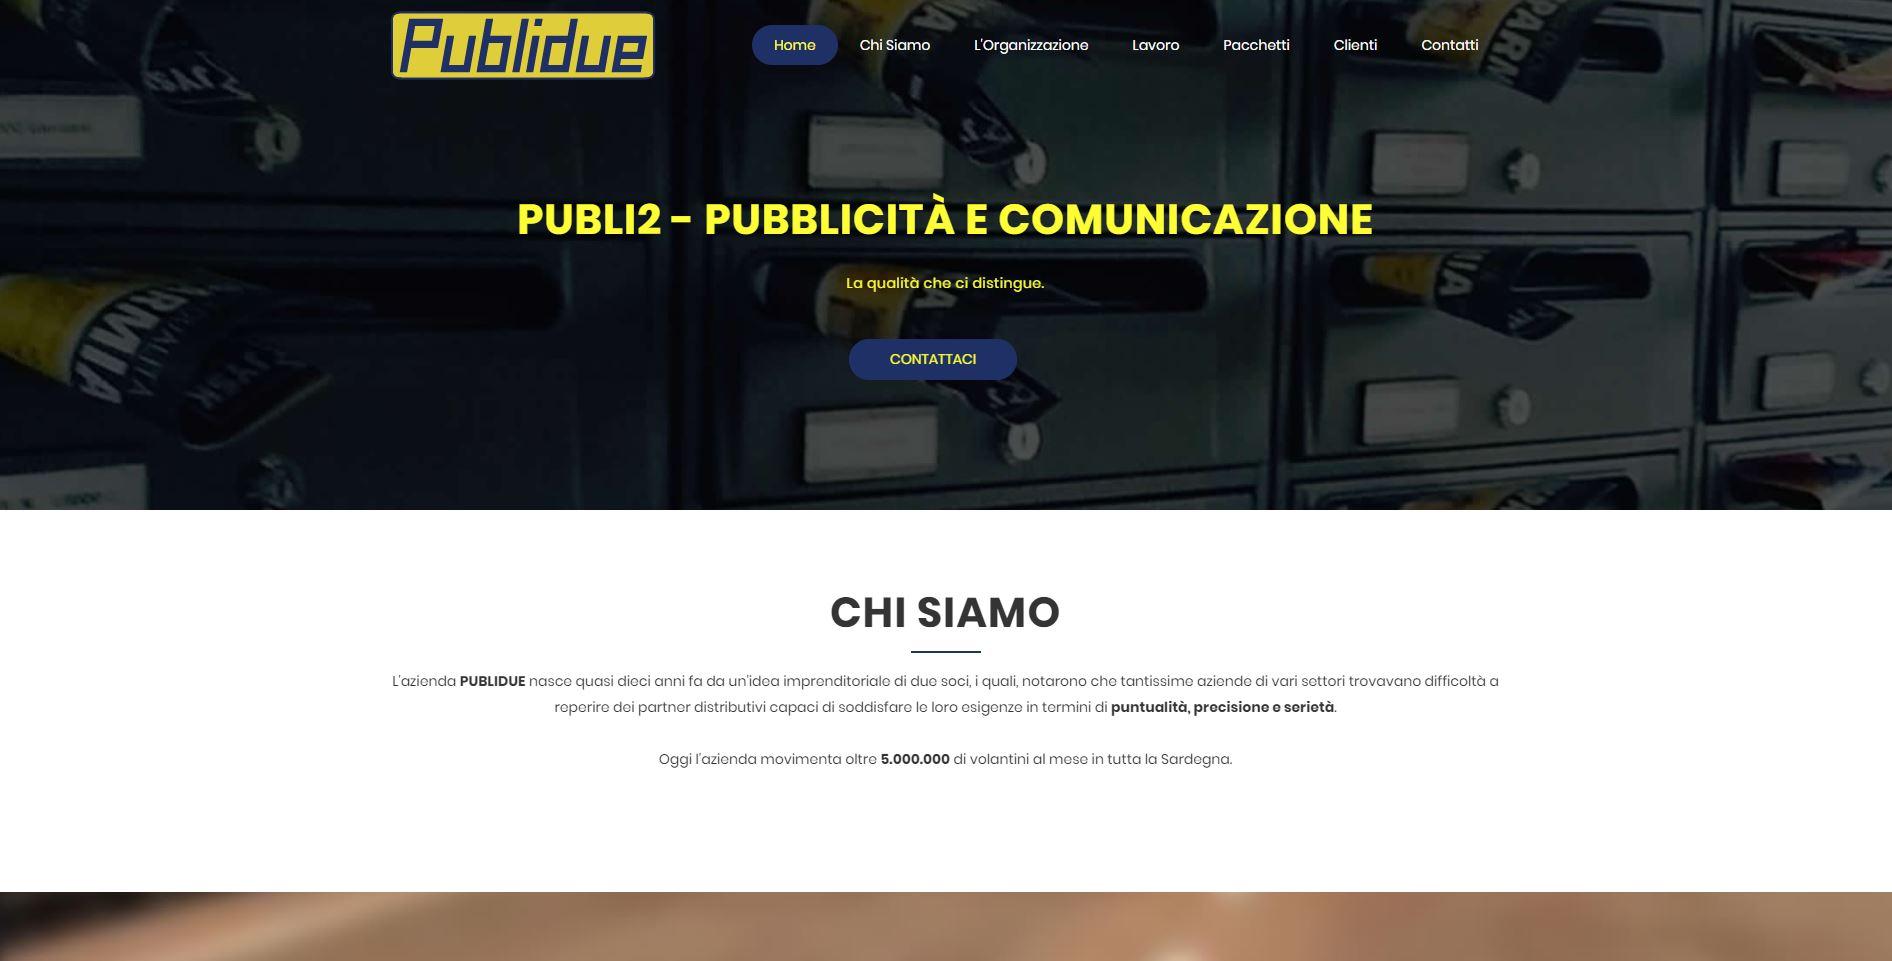 Publidue